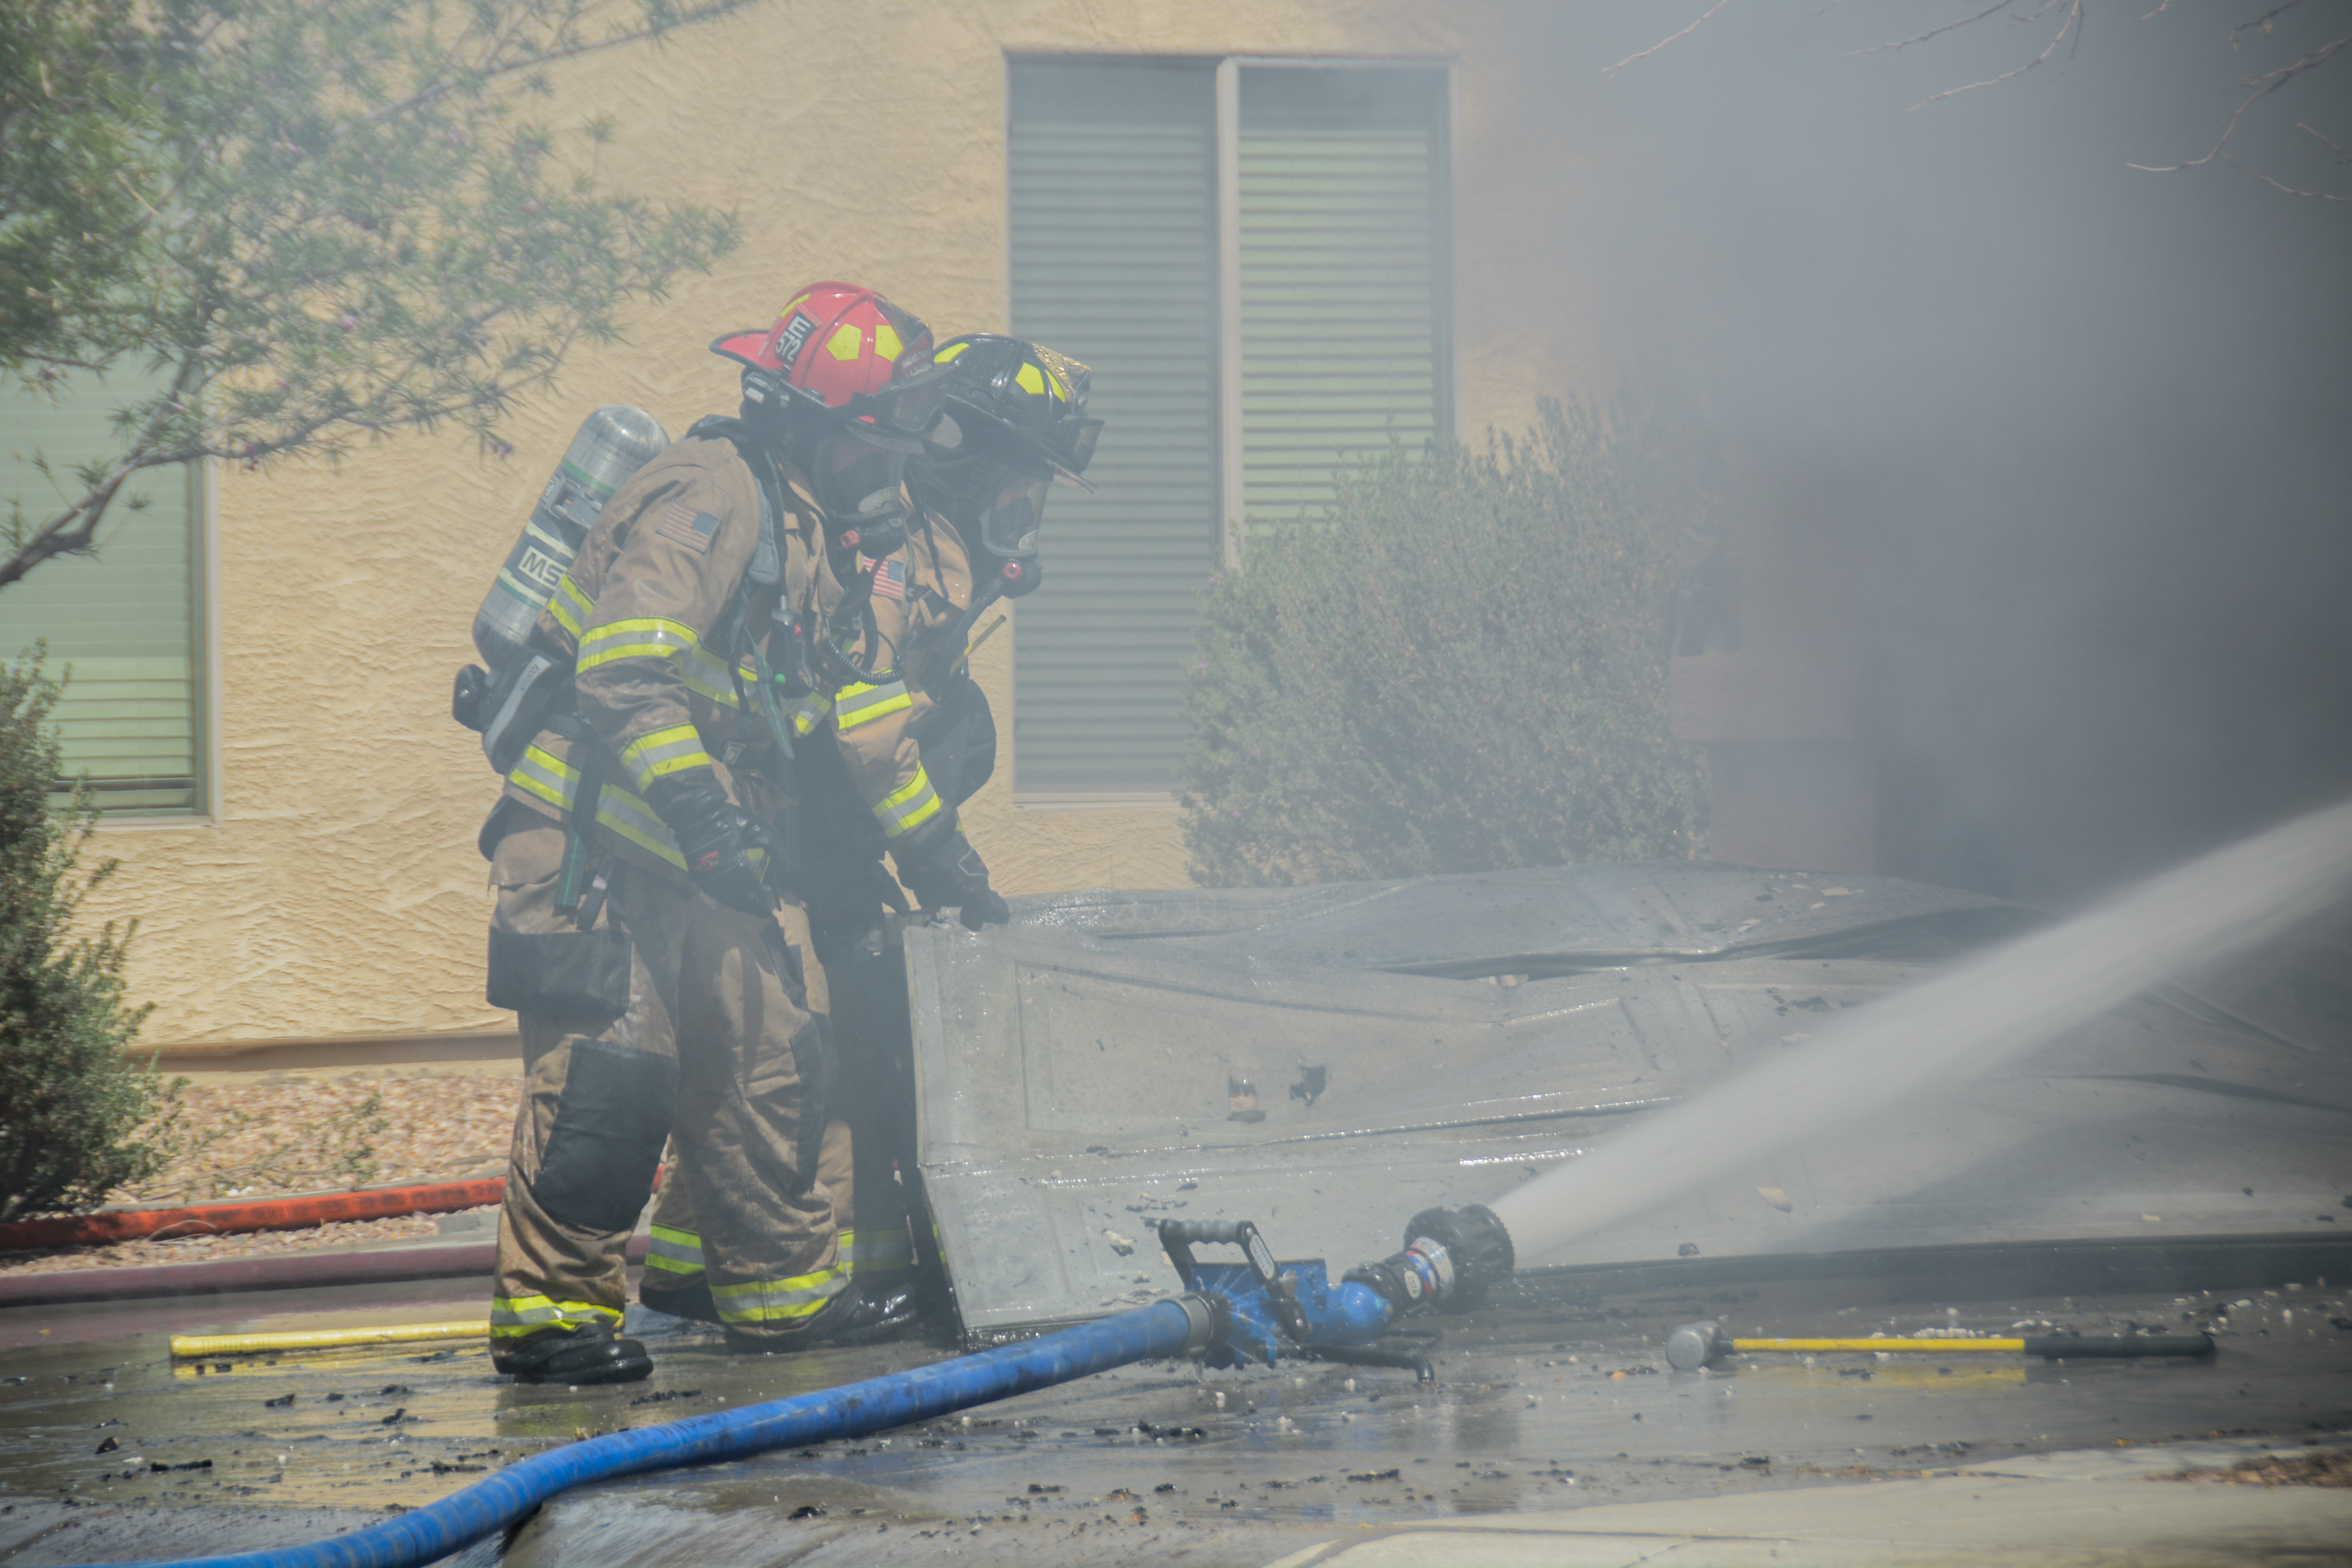 mfmd 2 safe after garage fire inmaricopa. Black Bedroom Furniture Sets. Home Design Ideas